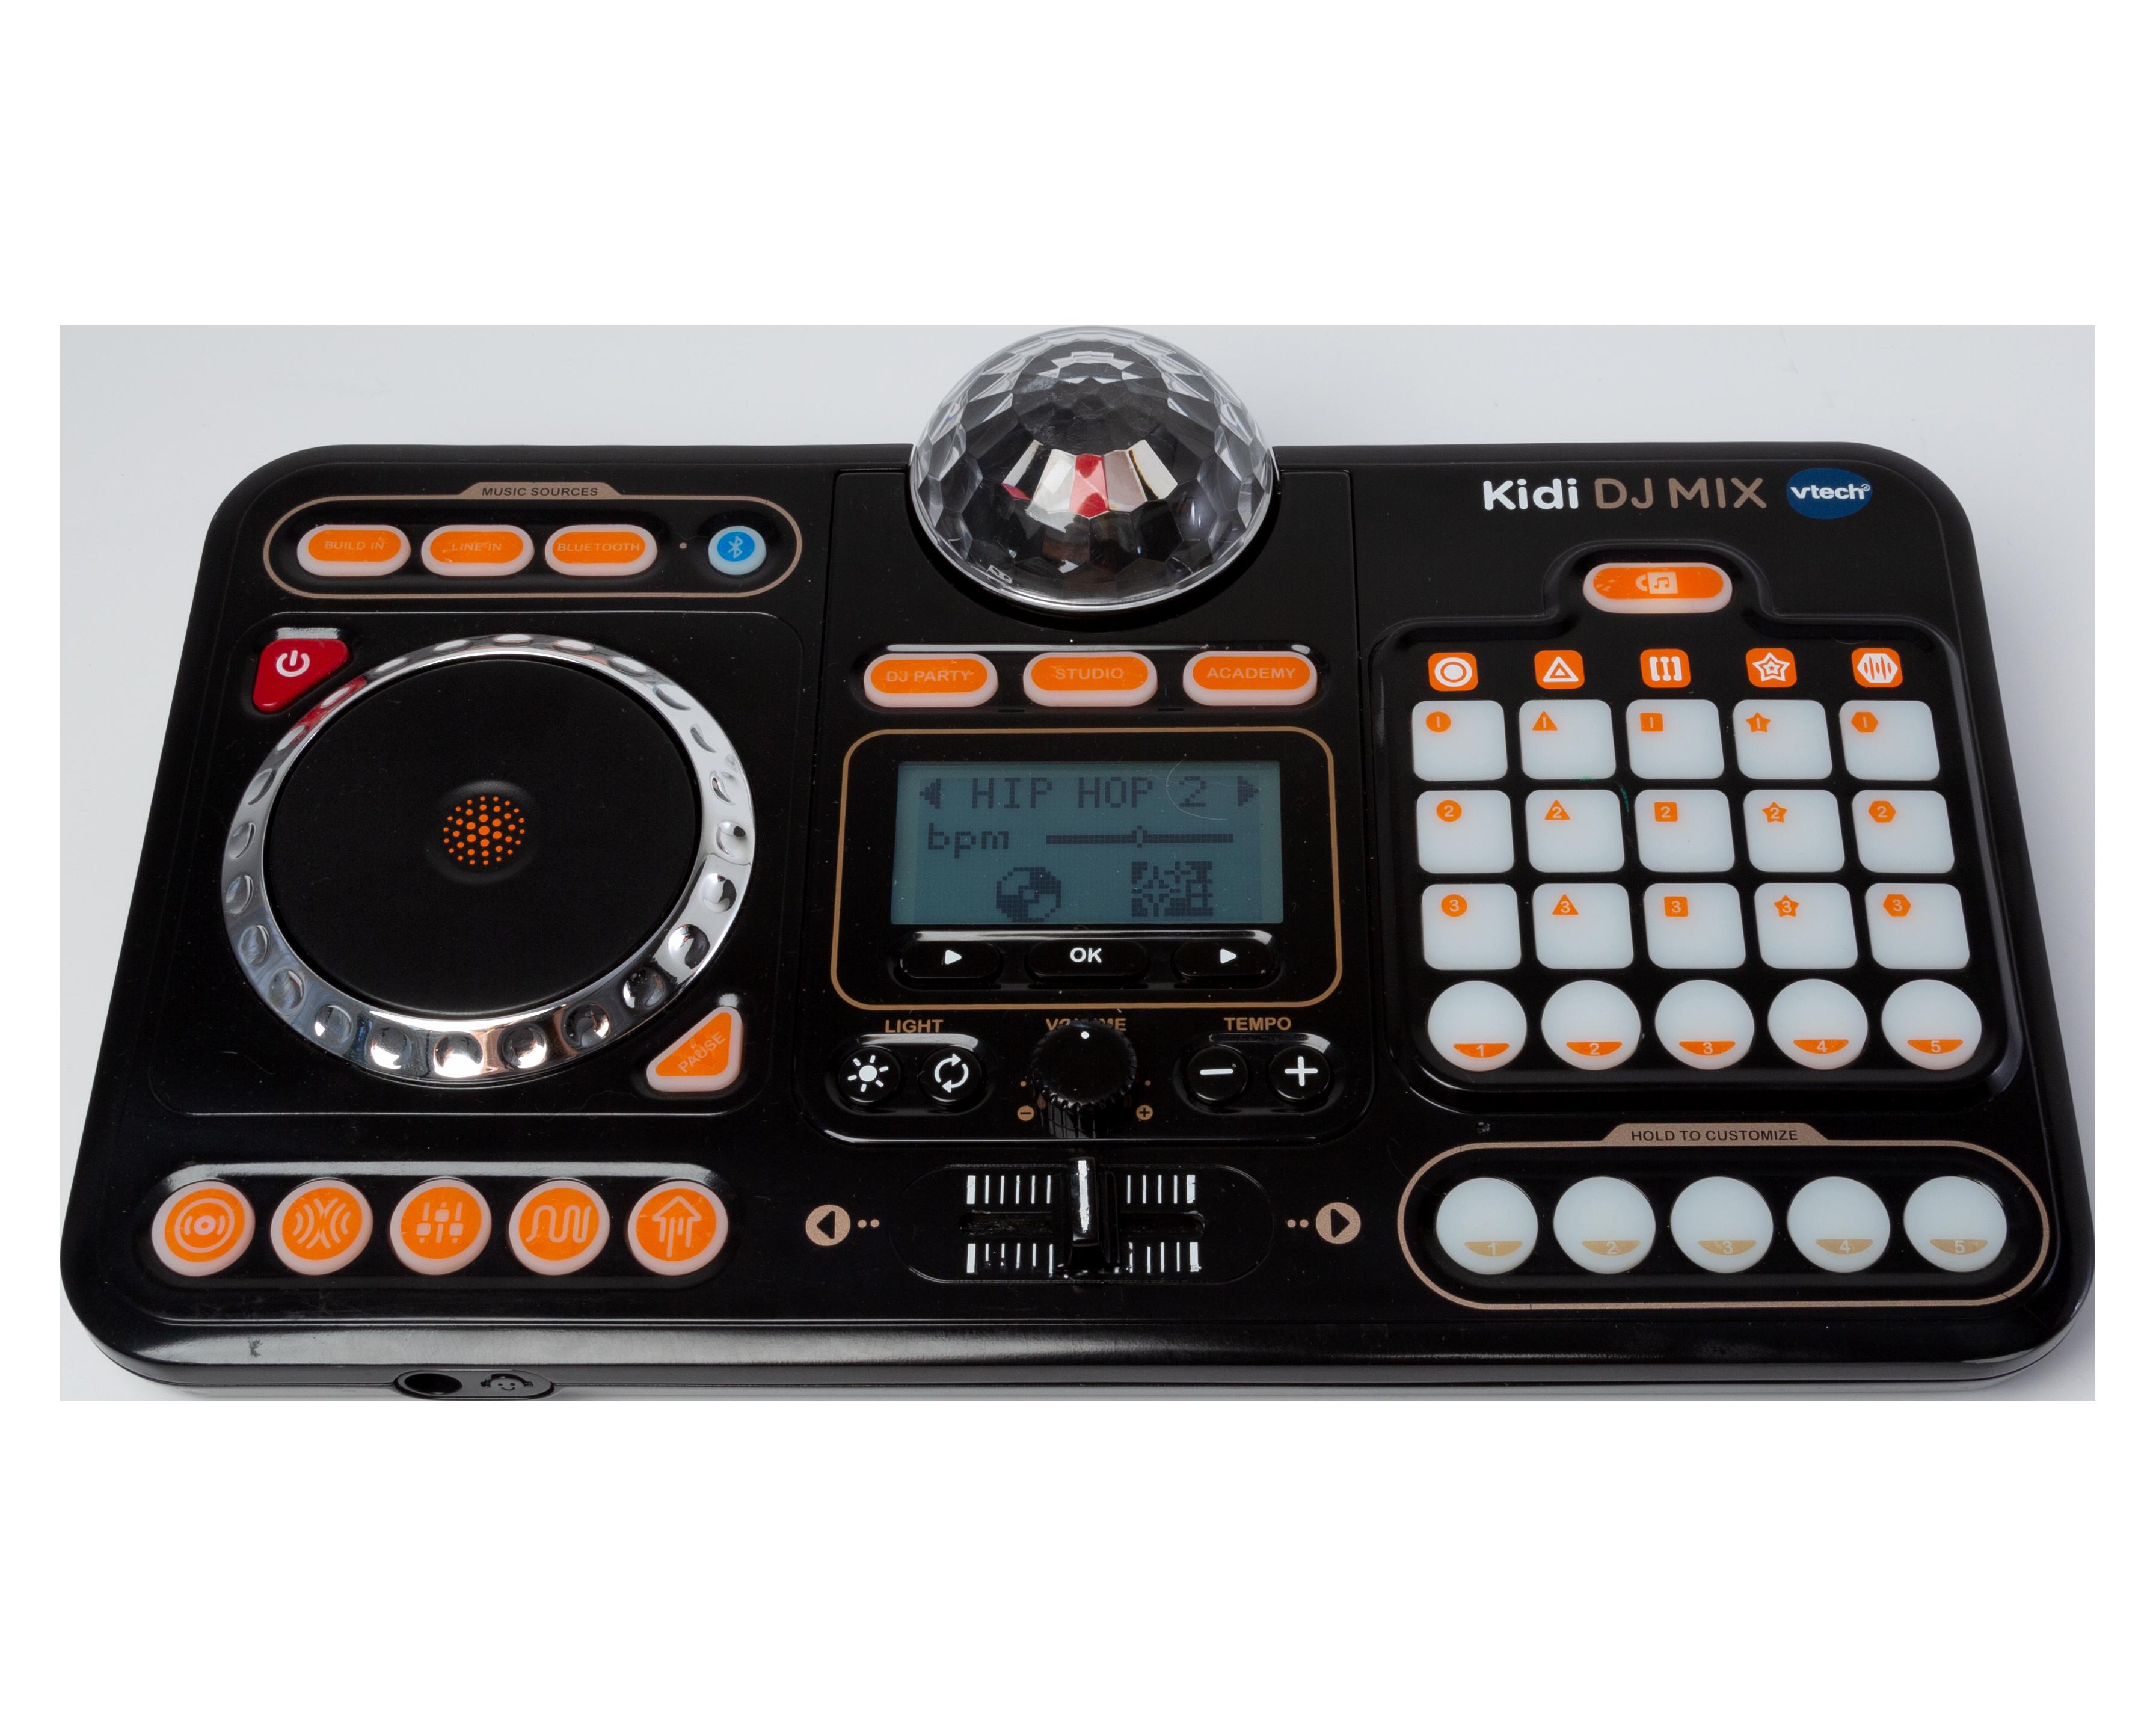 Kidi DJ Mix Vtech   Speelgoed van het jaar 2021